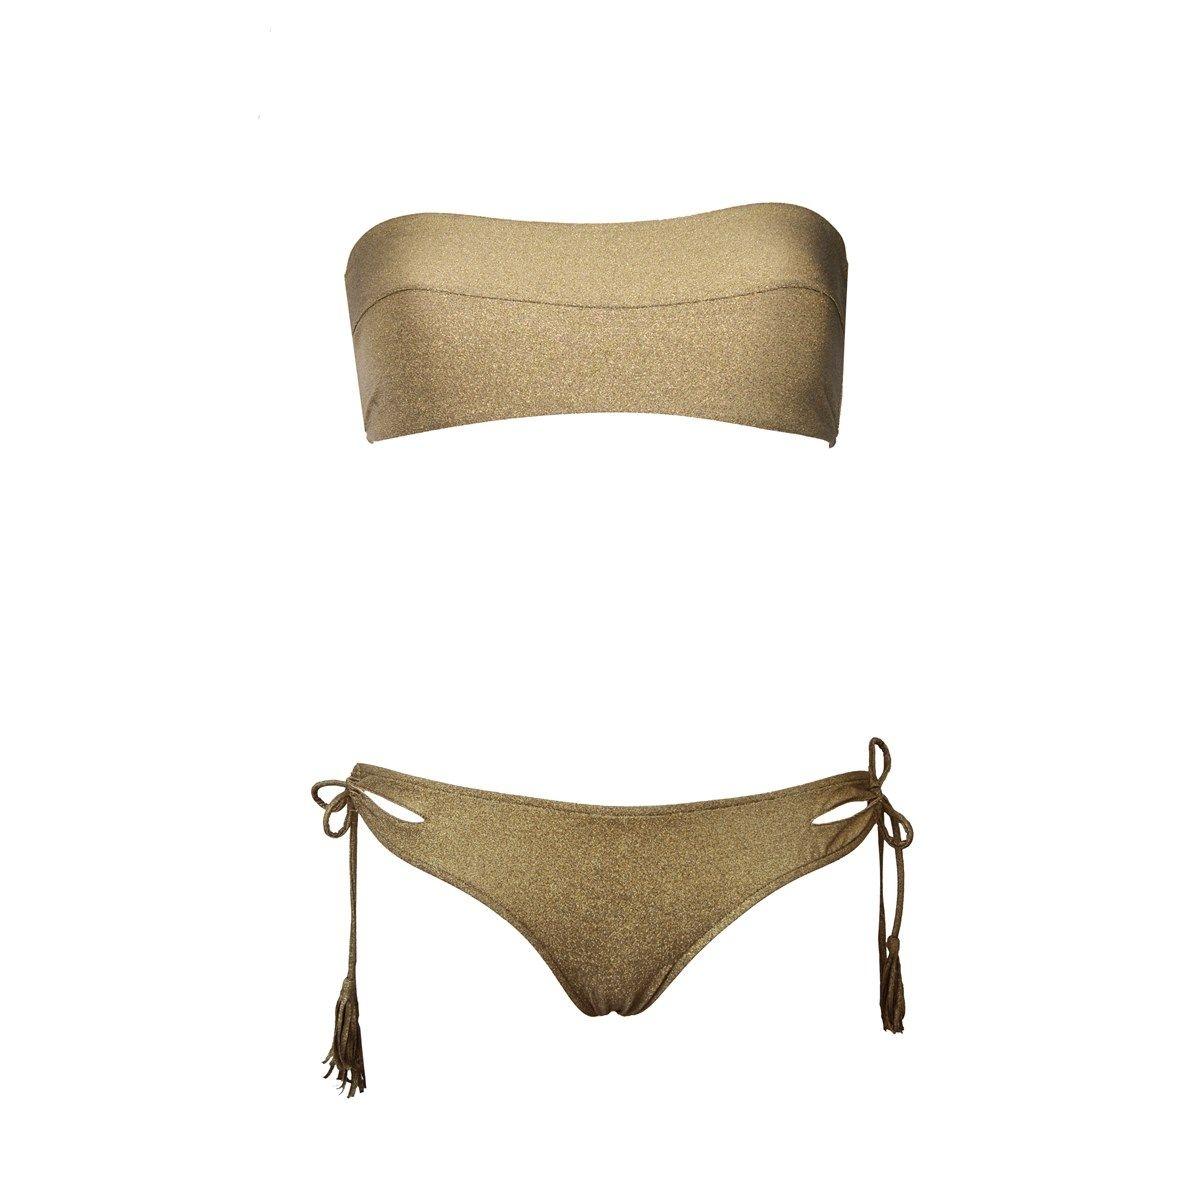 Maillot de bain deux pièces bandeau LAURA GOLD